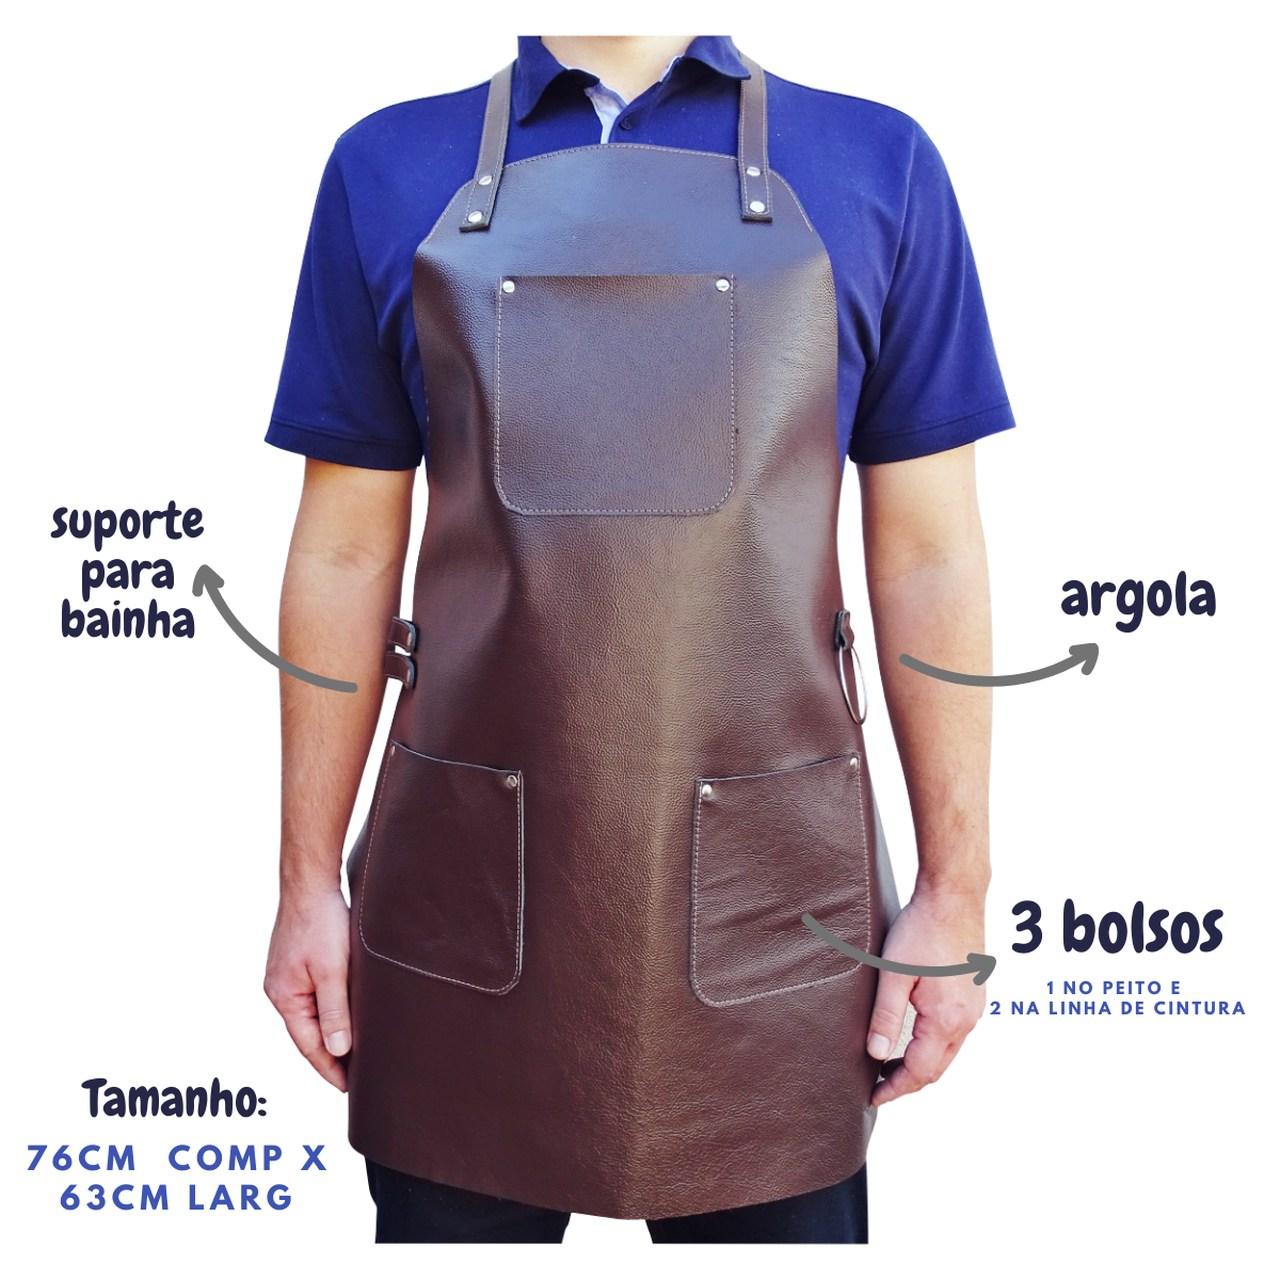 Avental de Churrasqueiro Chefe Cozinha Couro Premium